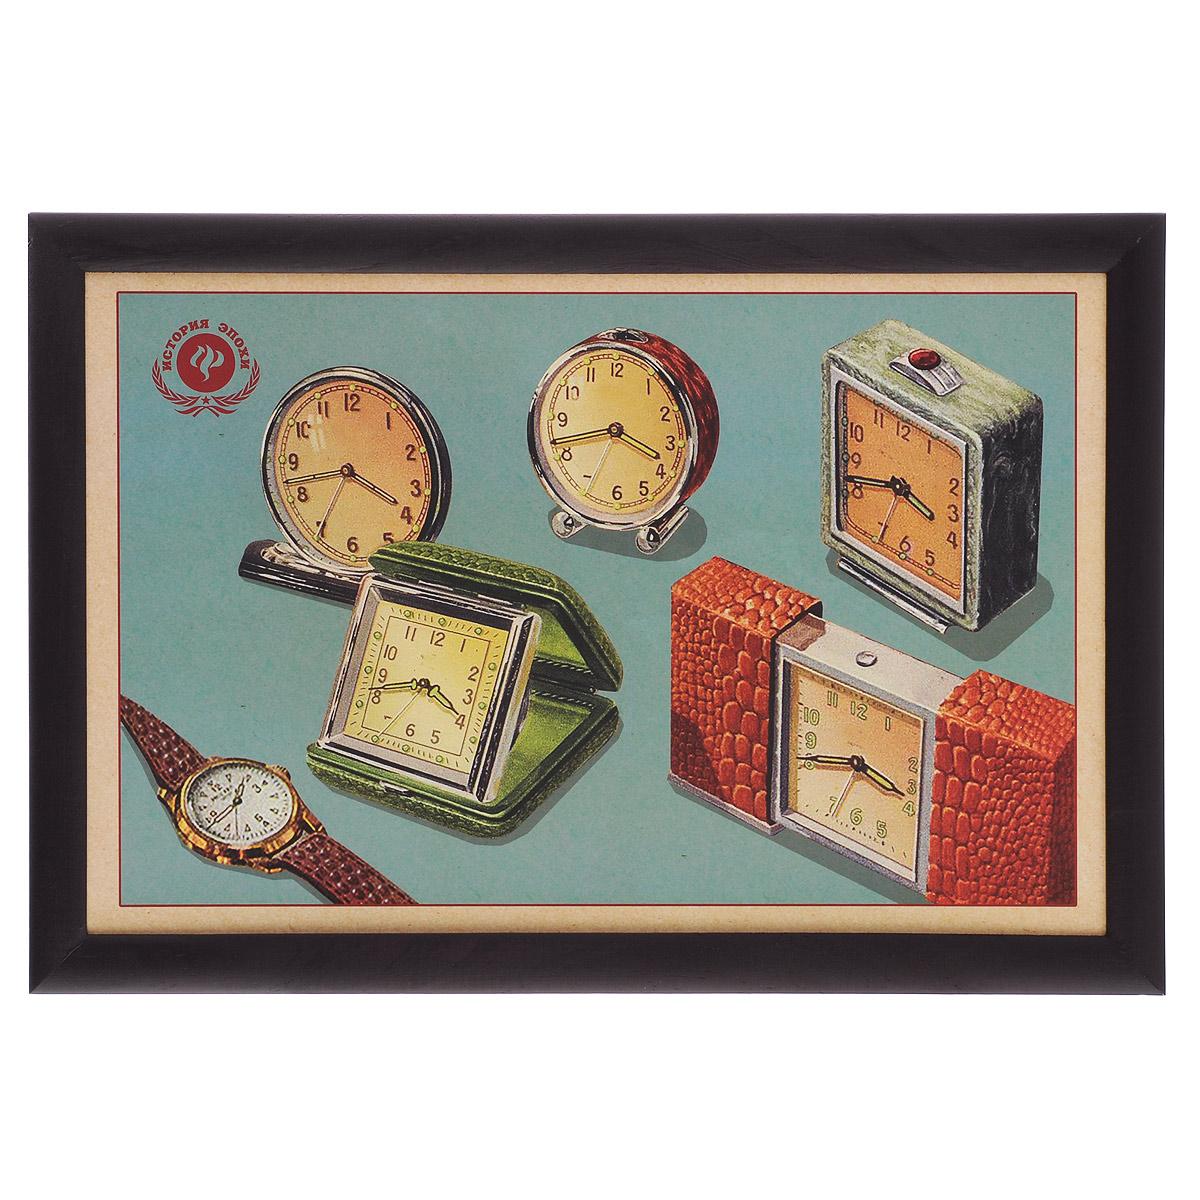 Поднос-столик Феникс-презент Ретро-часы, с мягким основанием, 41 х 28 см 37377115510Поднос-столик Феникс-презент Ретро-часы изготовлен из дерева (столешница из мдф, рамка из сосны) и оформлен оригинальным изображением часов и будильников в стиле ретро. Основание подноса выполнено в виде подушки, наполненной пенополистиролом. Такой поднос очень функционален: его можно использовать в качестве подноса для еды или подставки для ноутбука. Он удобно и устойчиво размещается на коленях или диване, так как подушка столика принимает форму поверхности.Размер подноса-столика: 41 см х 28 см х 5 см.Внутренний размер подноса: 37 см х 23,5 см.